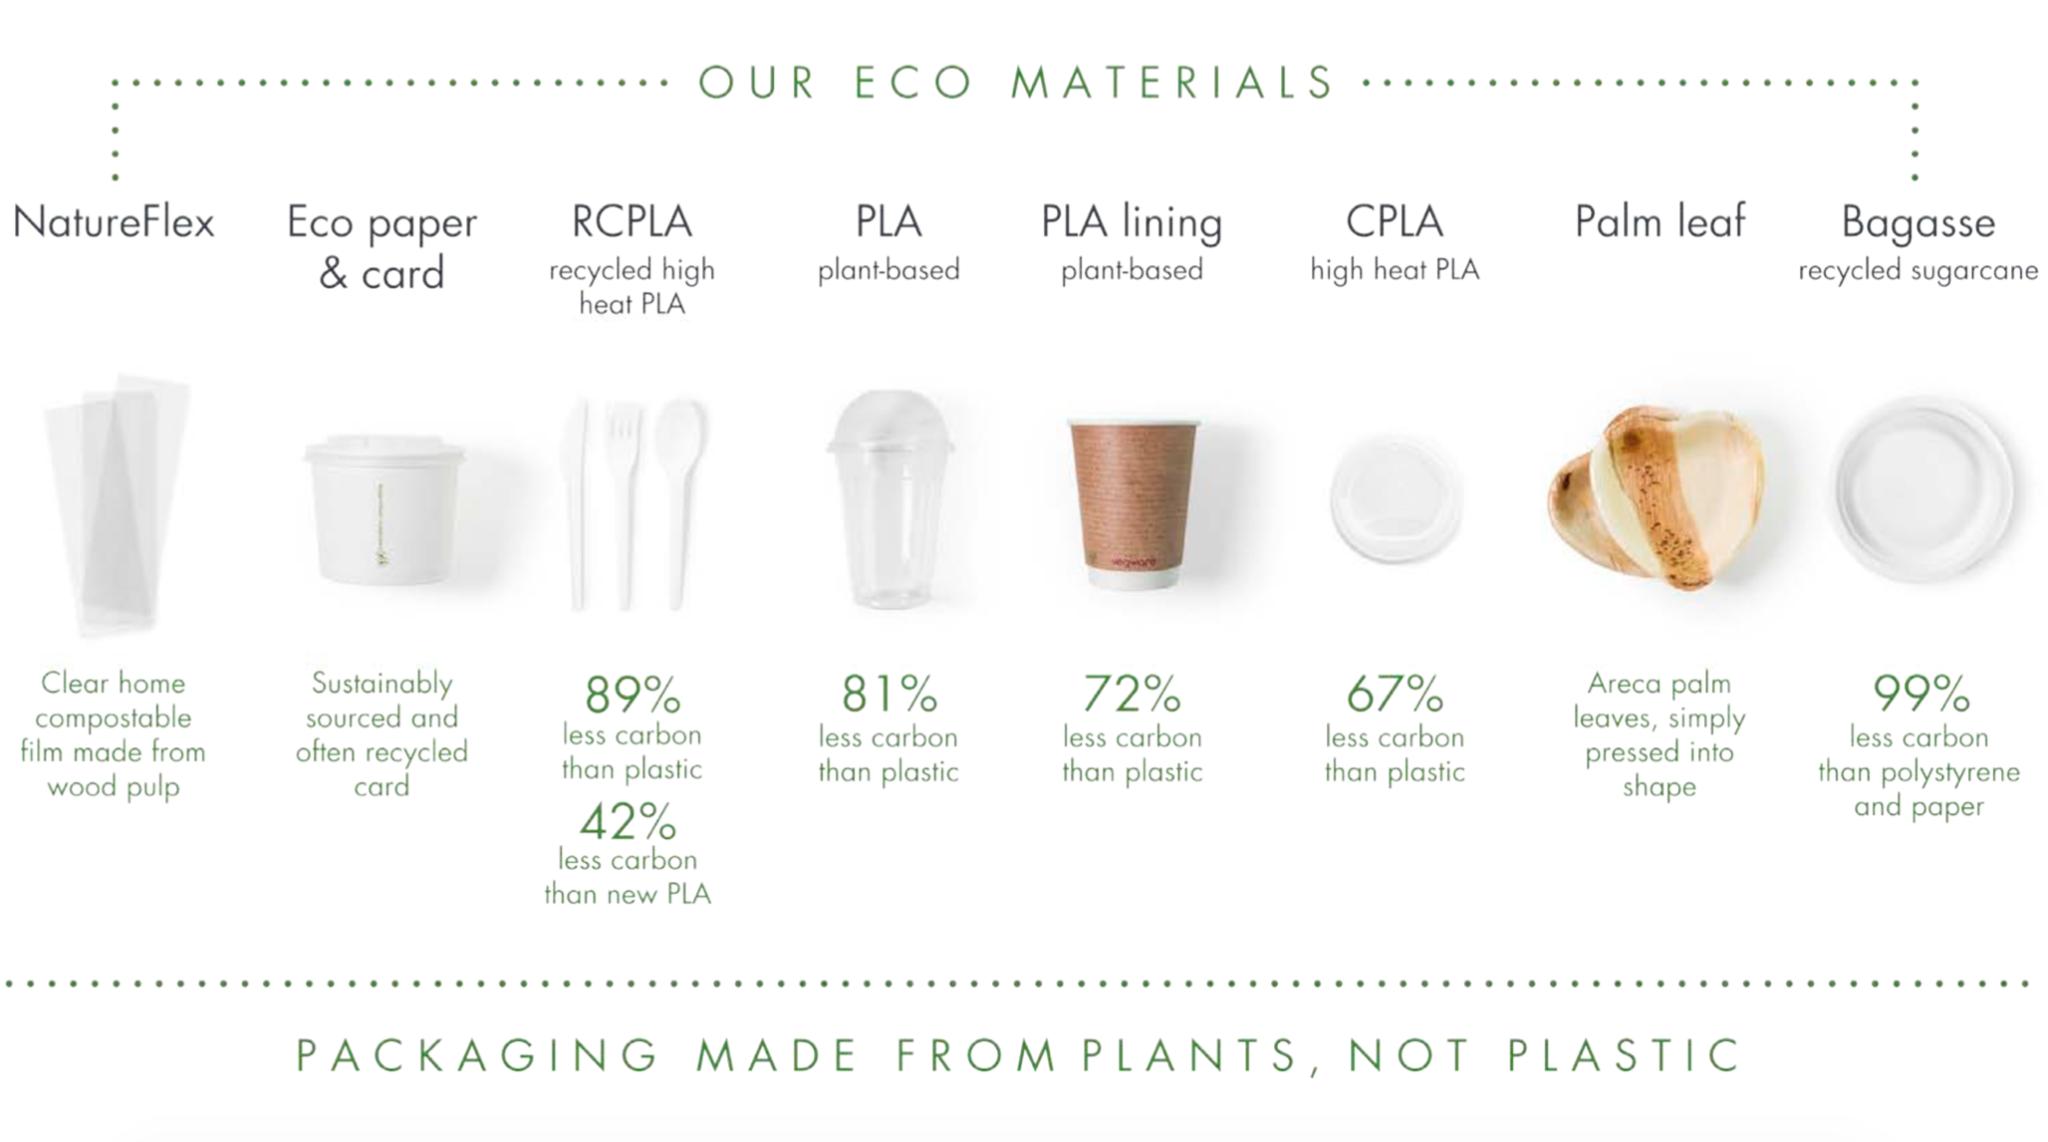 materialer-a-packaging-komposterbar